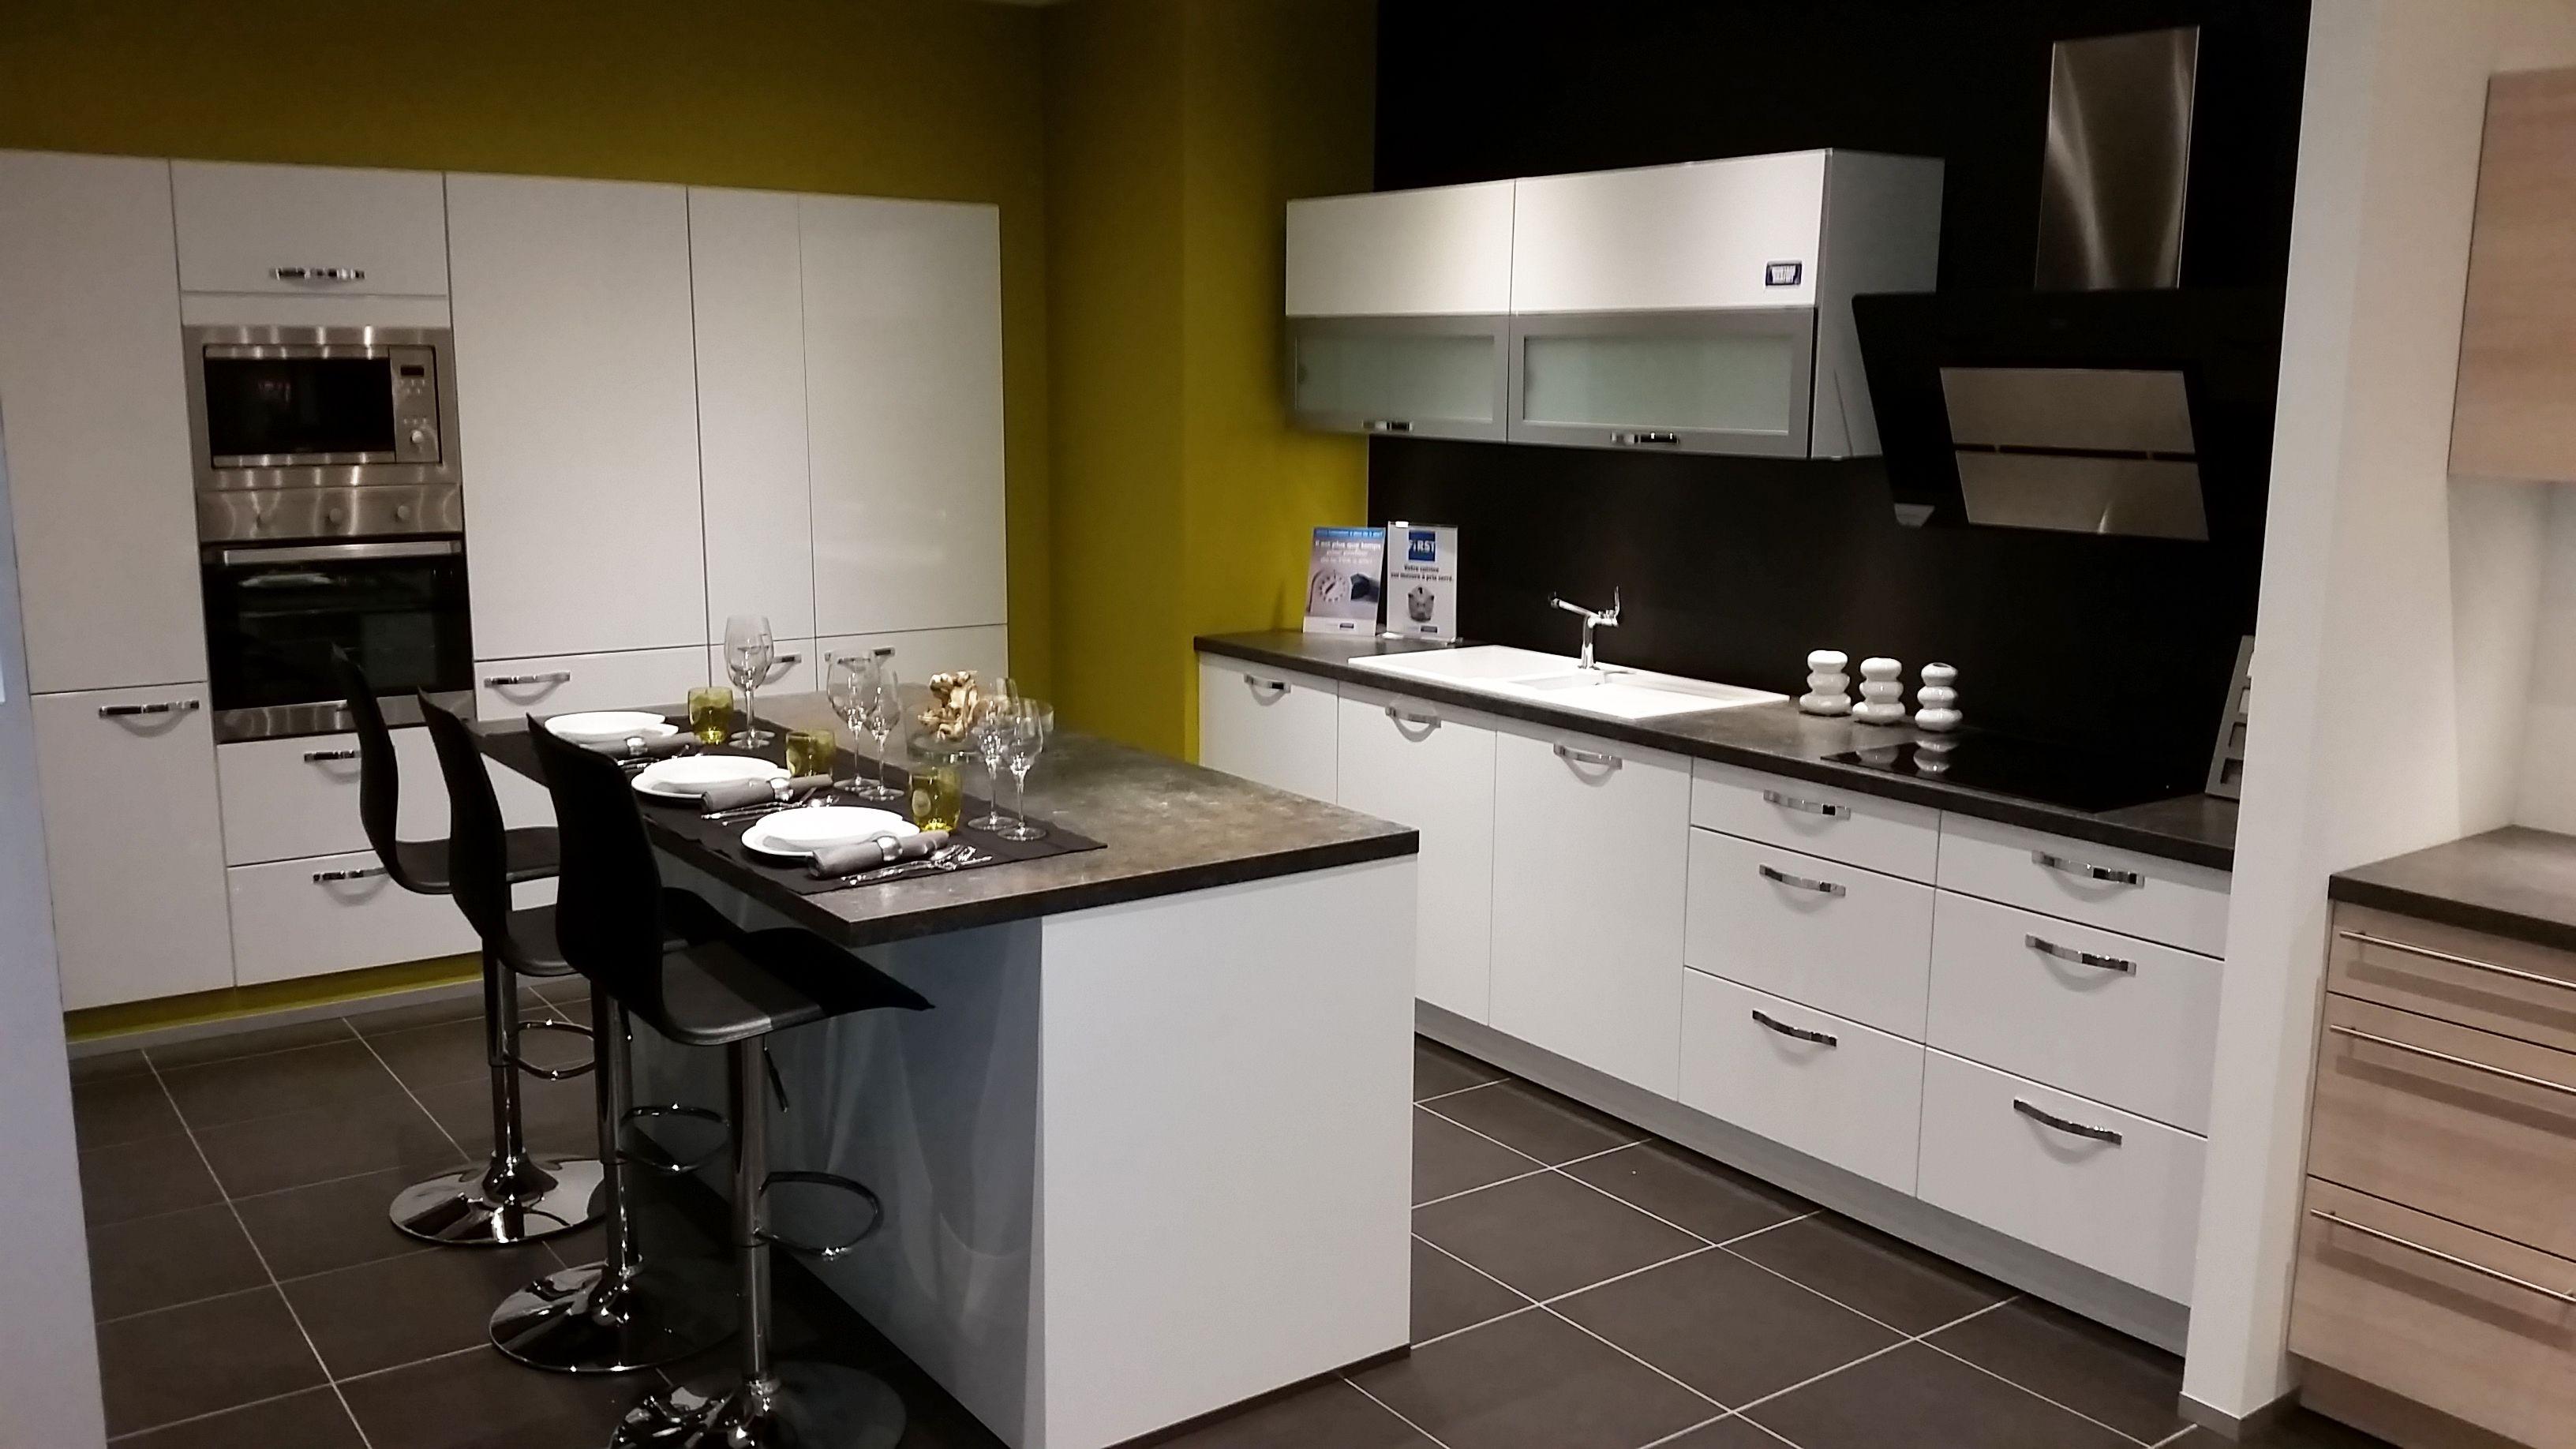 Showroom Keuken Showroom Cuisine Krefel Keukens Cuisines Krefel Type Fleron Keuken Showroom Keuken Inspiratie Keuken Ideeen